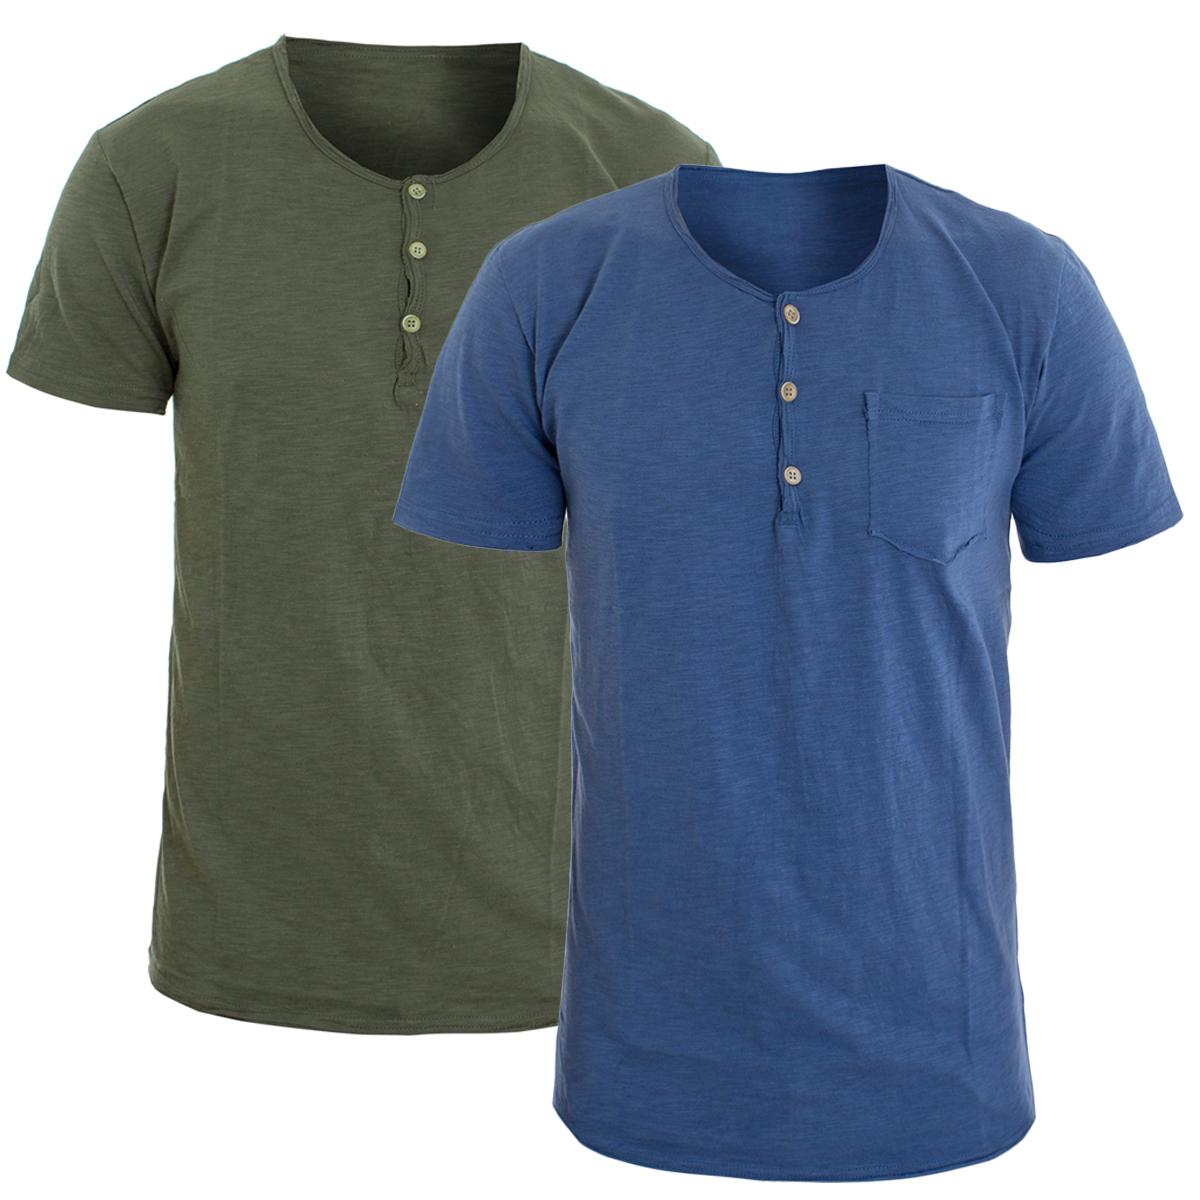 Aggressivo T-shirt Uomo Mezza Manica Vari Colori Taschino Serafino Cotone Girocollo Tint... Ultima Tecnologia